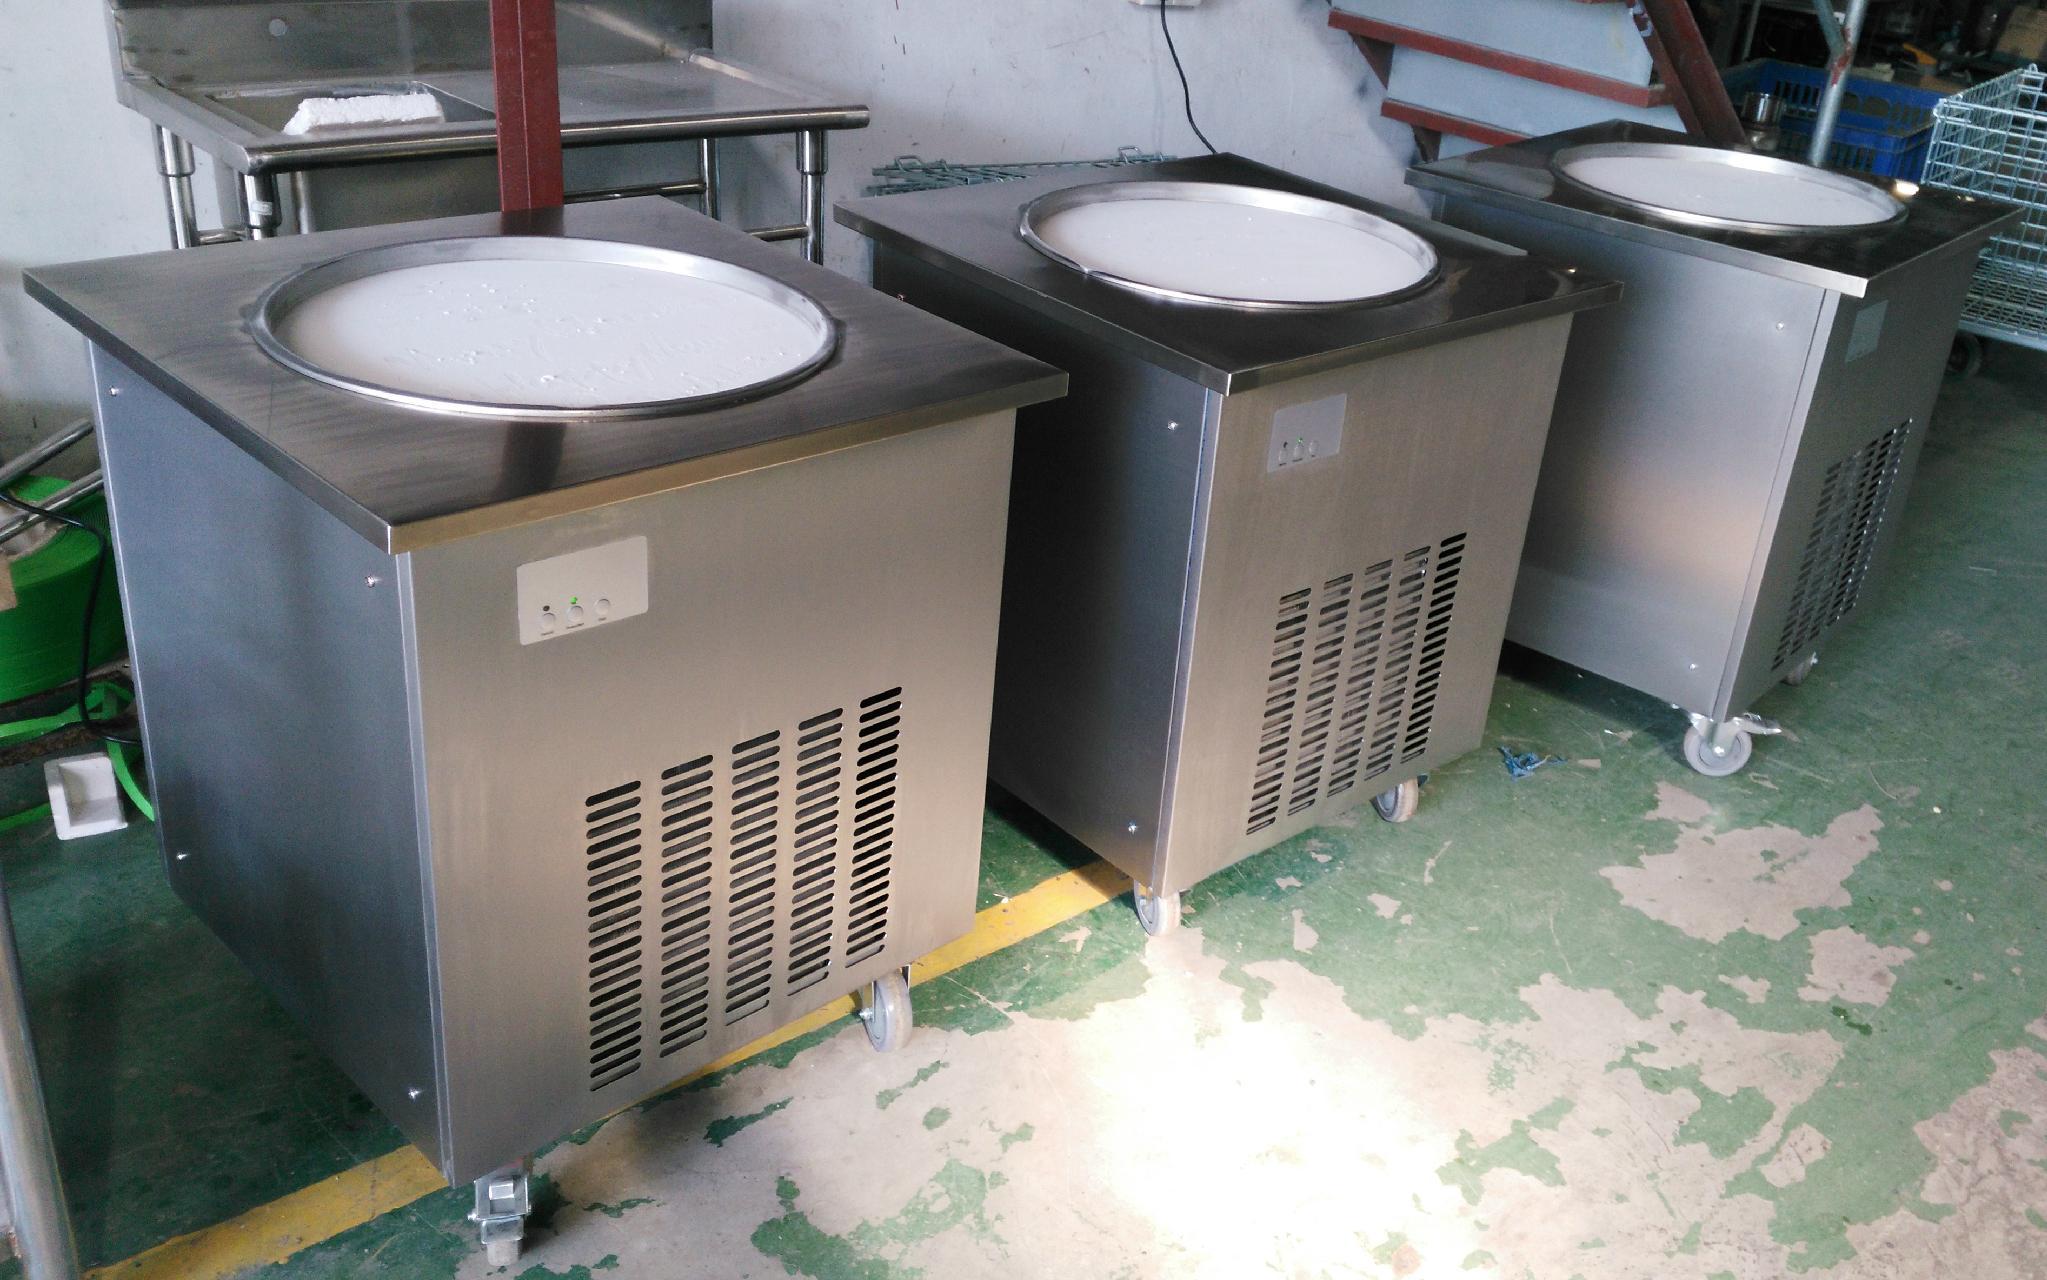 炒酸奶機商用炒冰機單雙鍋炒冰激凌奶果機炒冰淇淋卷機器